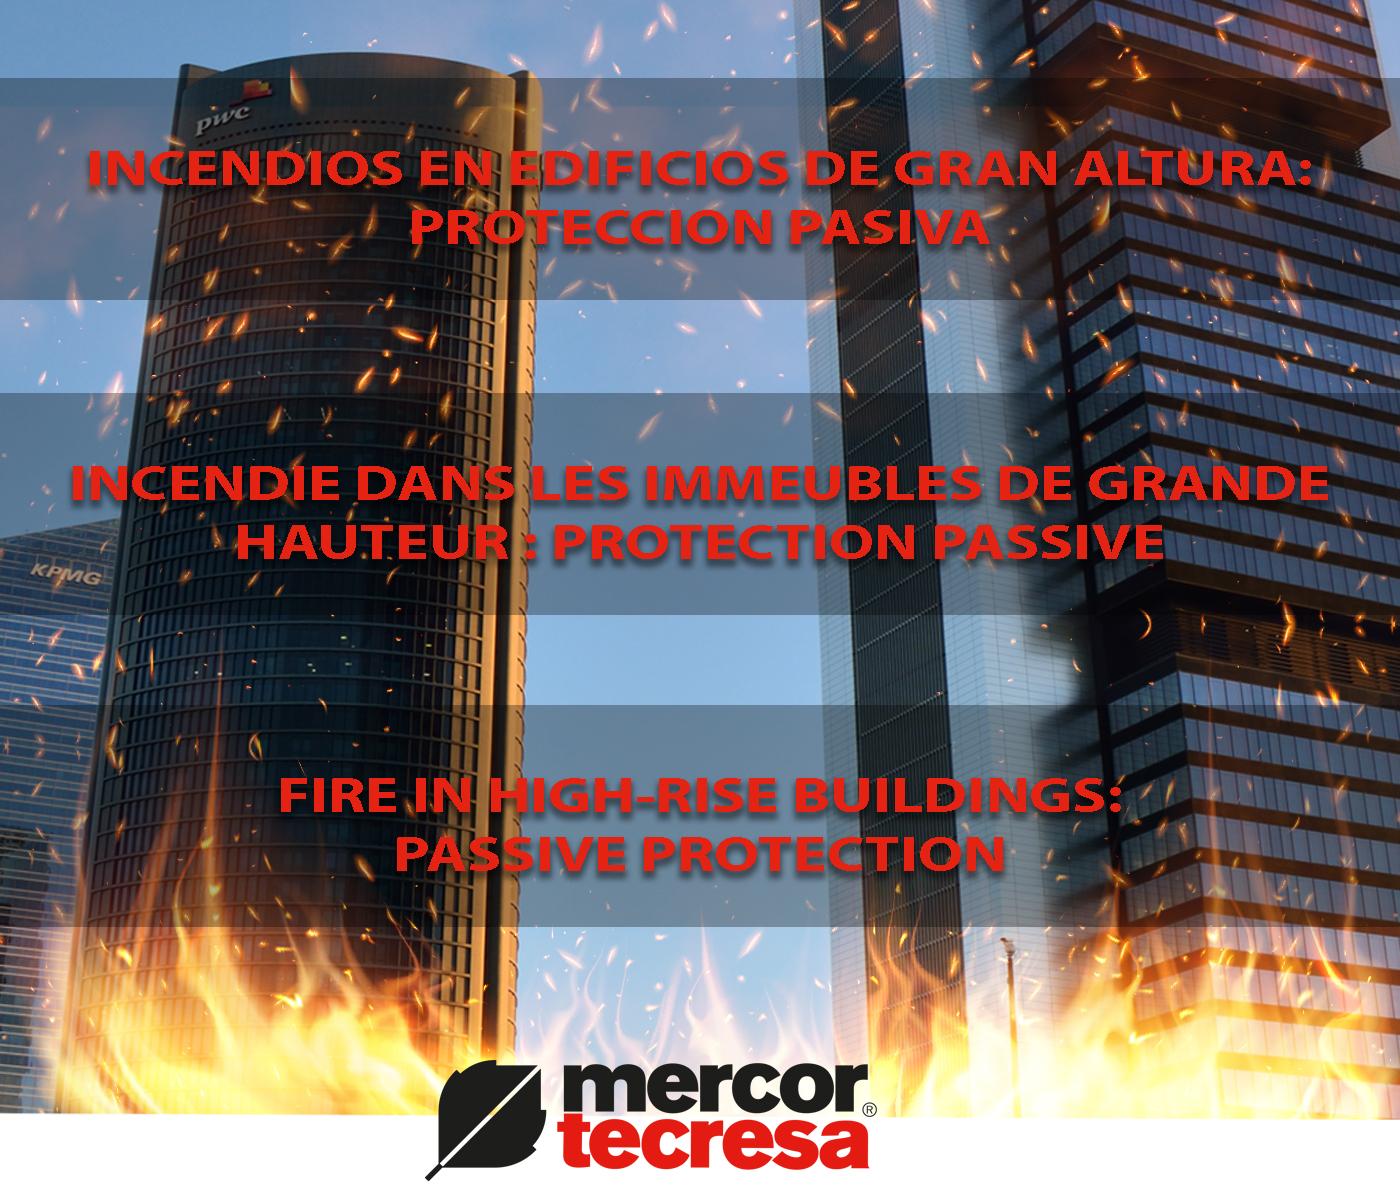 Fuegos edificio gran altura